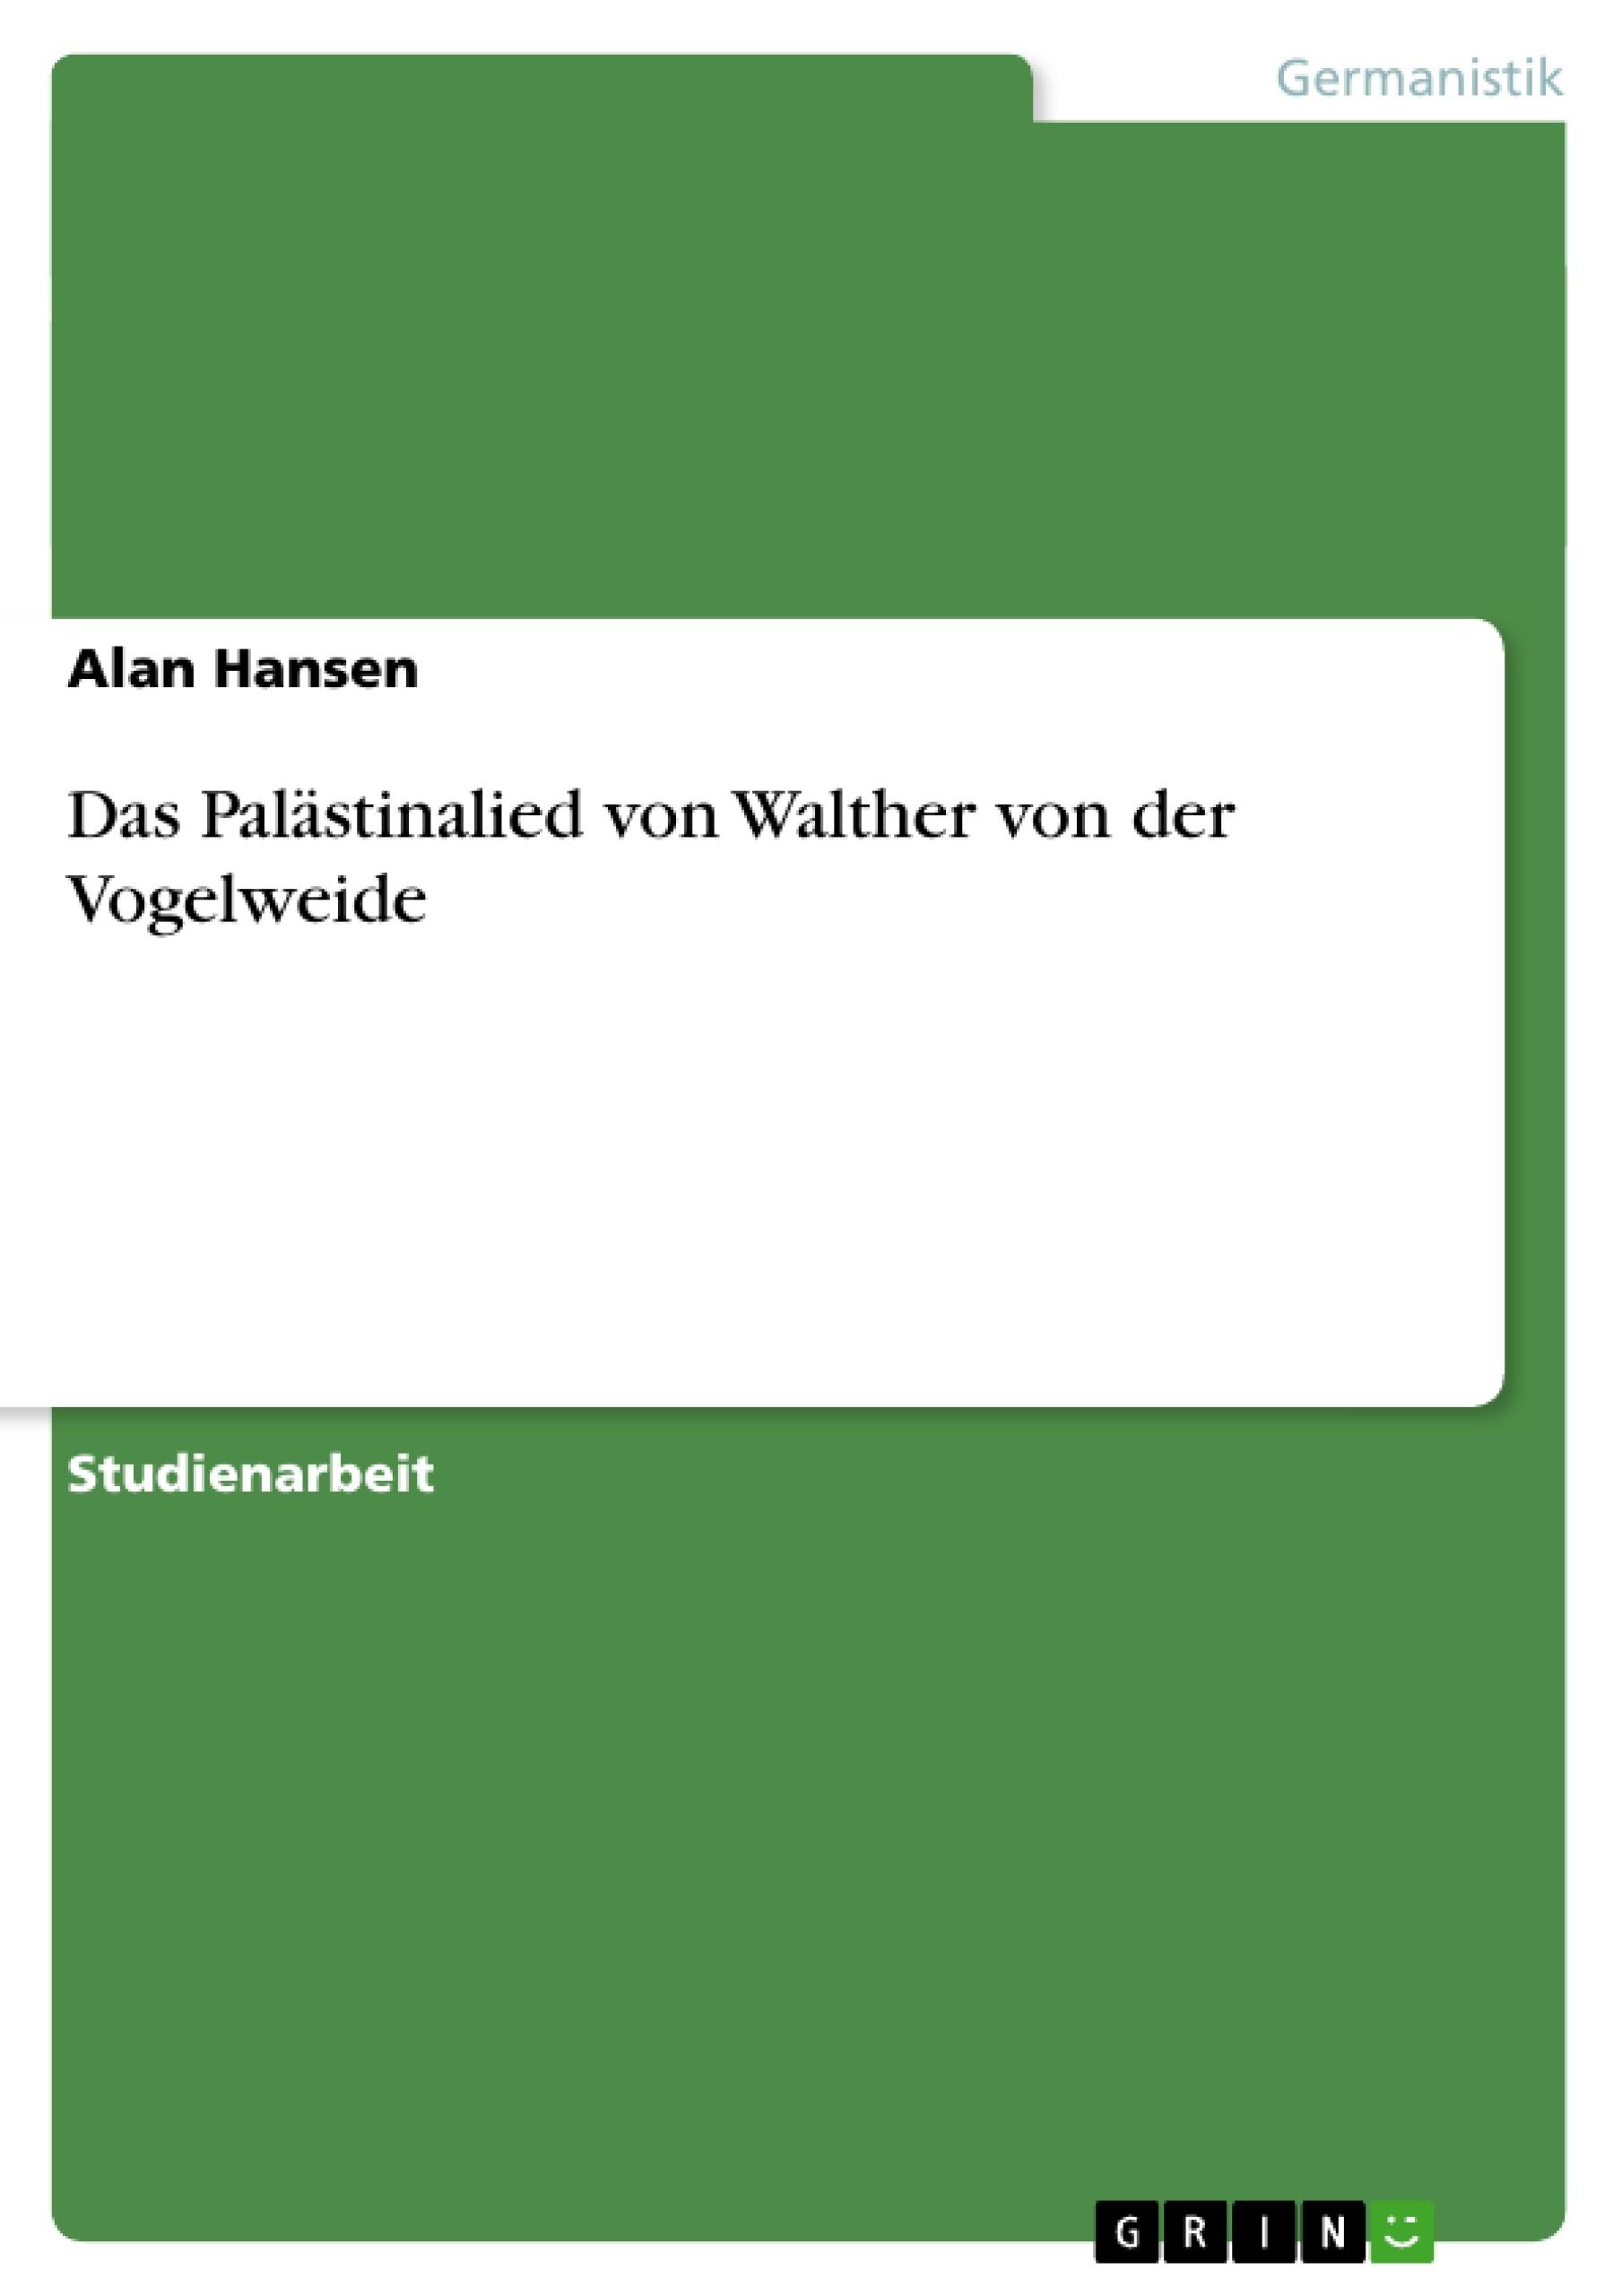 Titel: Das Palästinalied von Walther von der Vogelweide